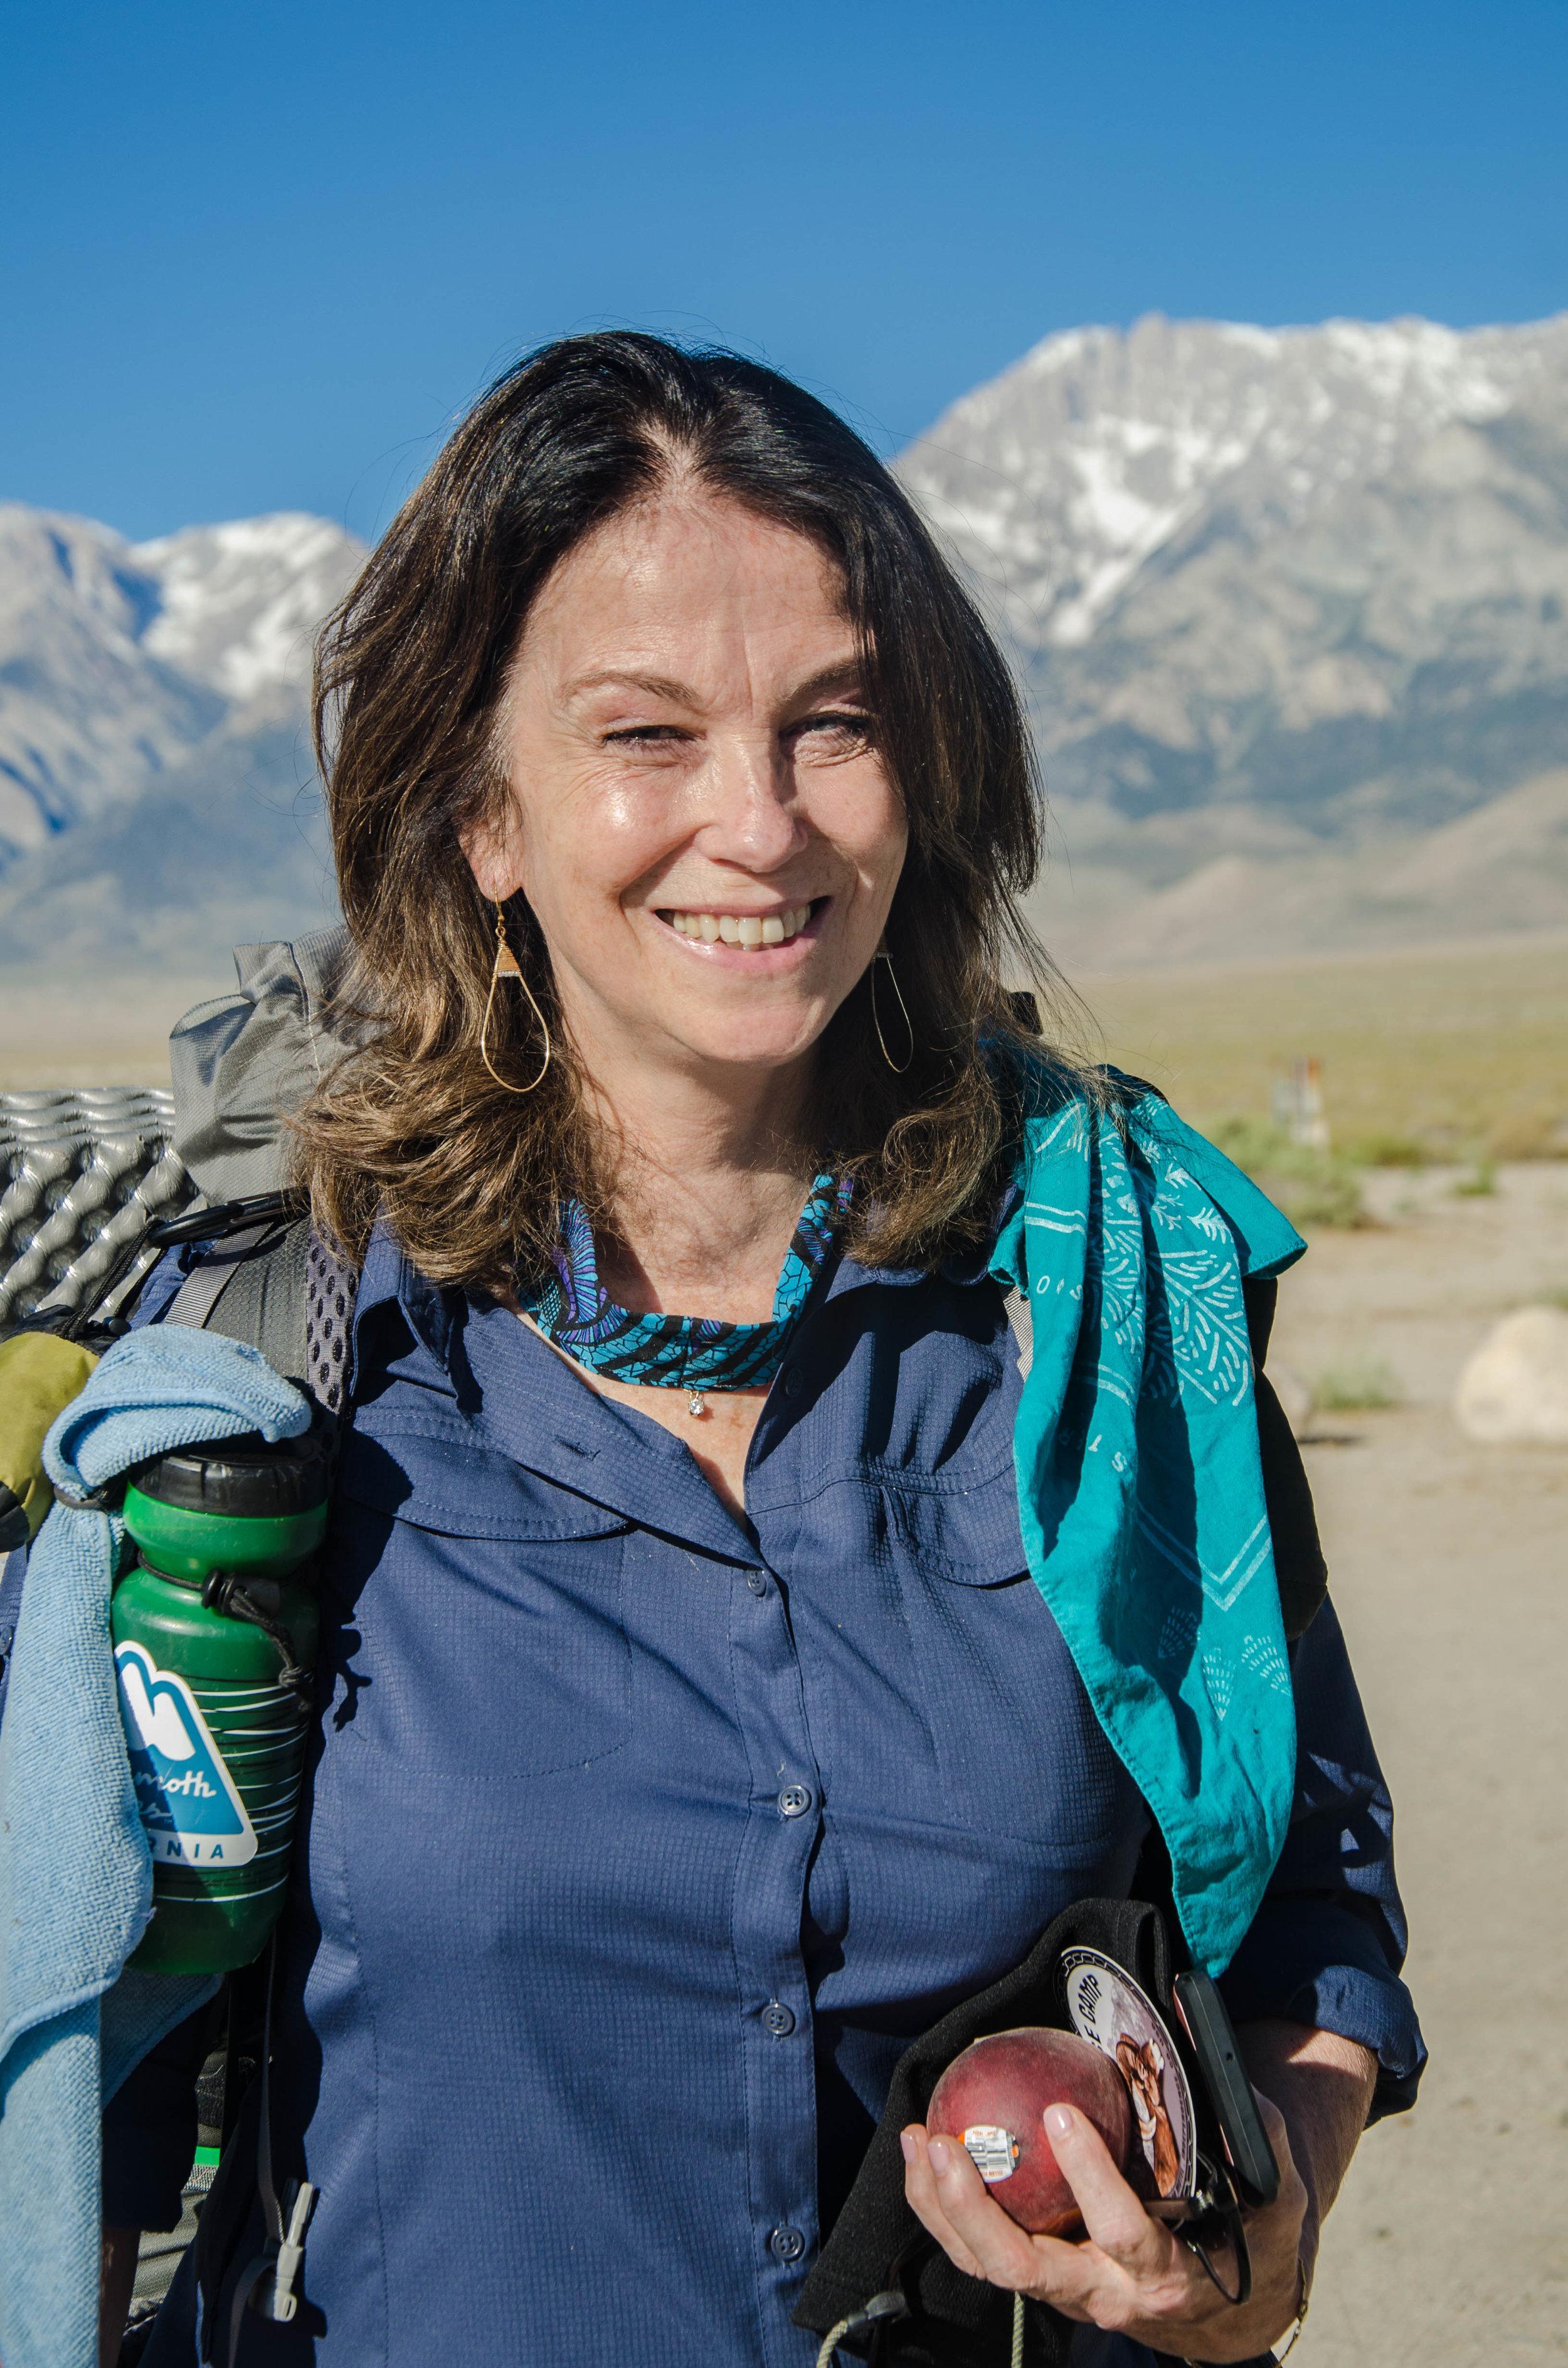 JMT Hiker Becky